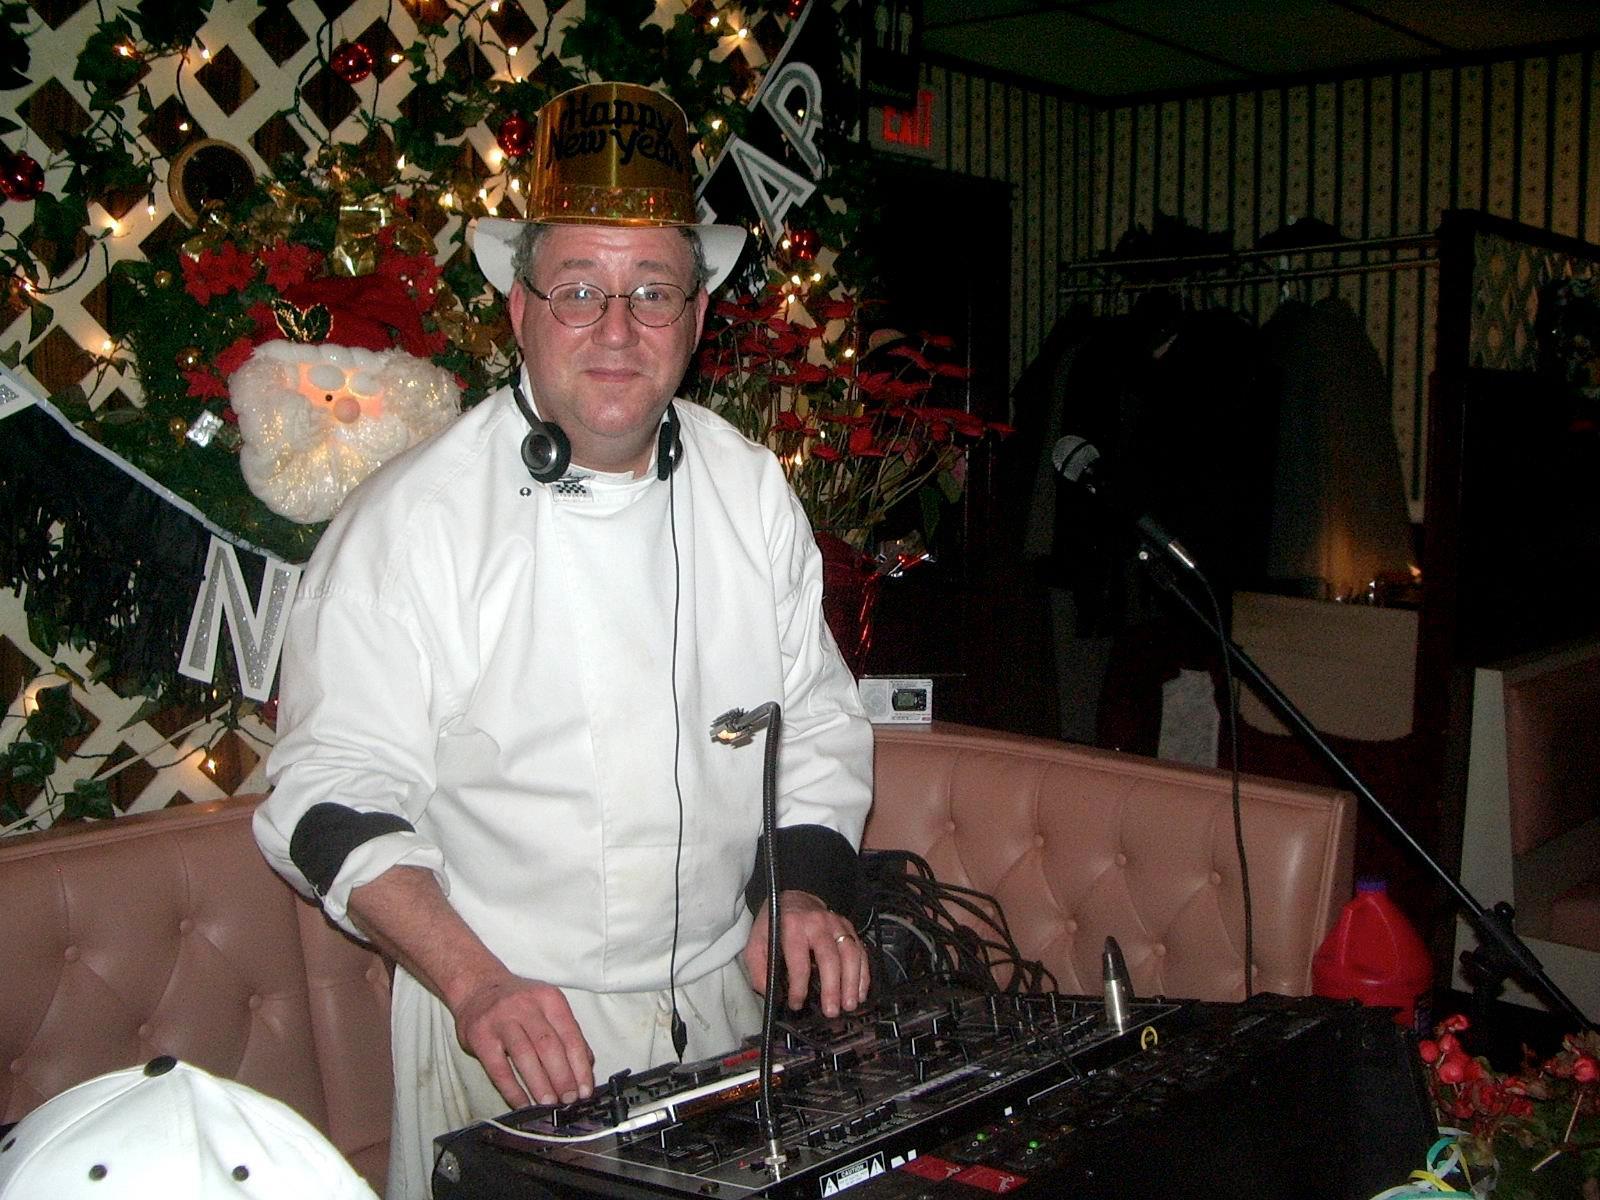 DJ Cron